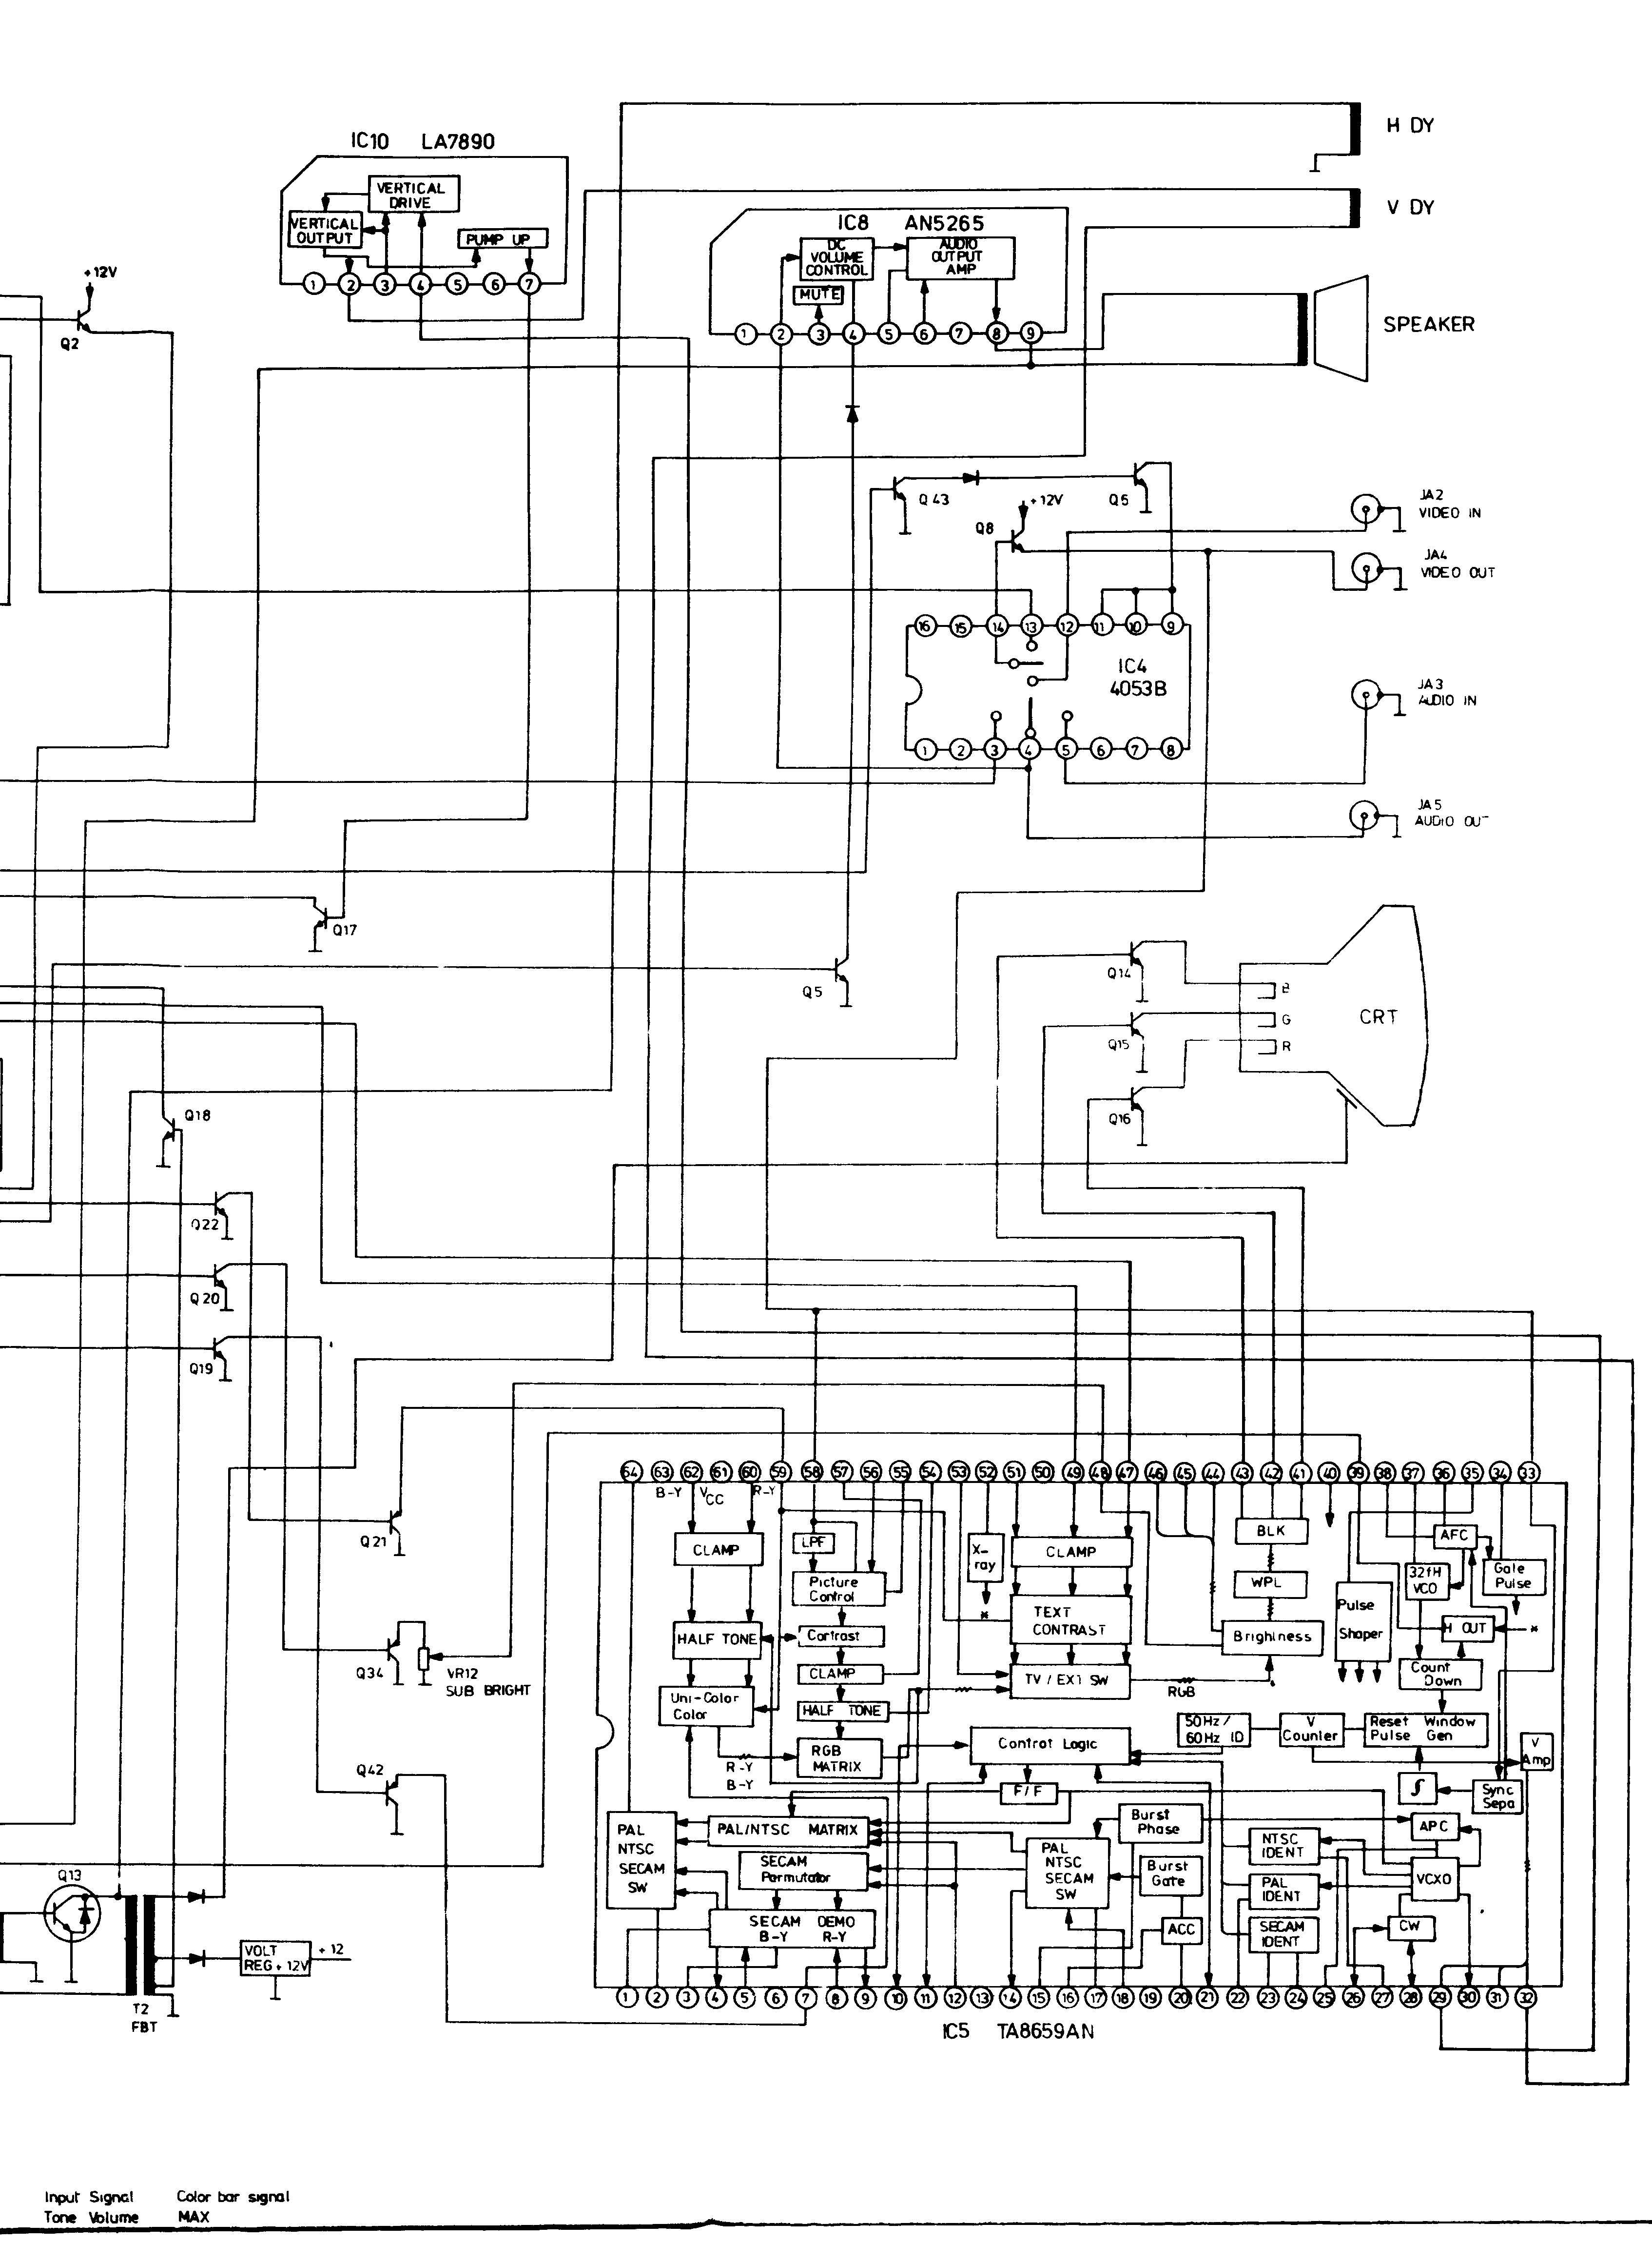 Funai Tv-2003 Schematic Diagram In Pdf Format